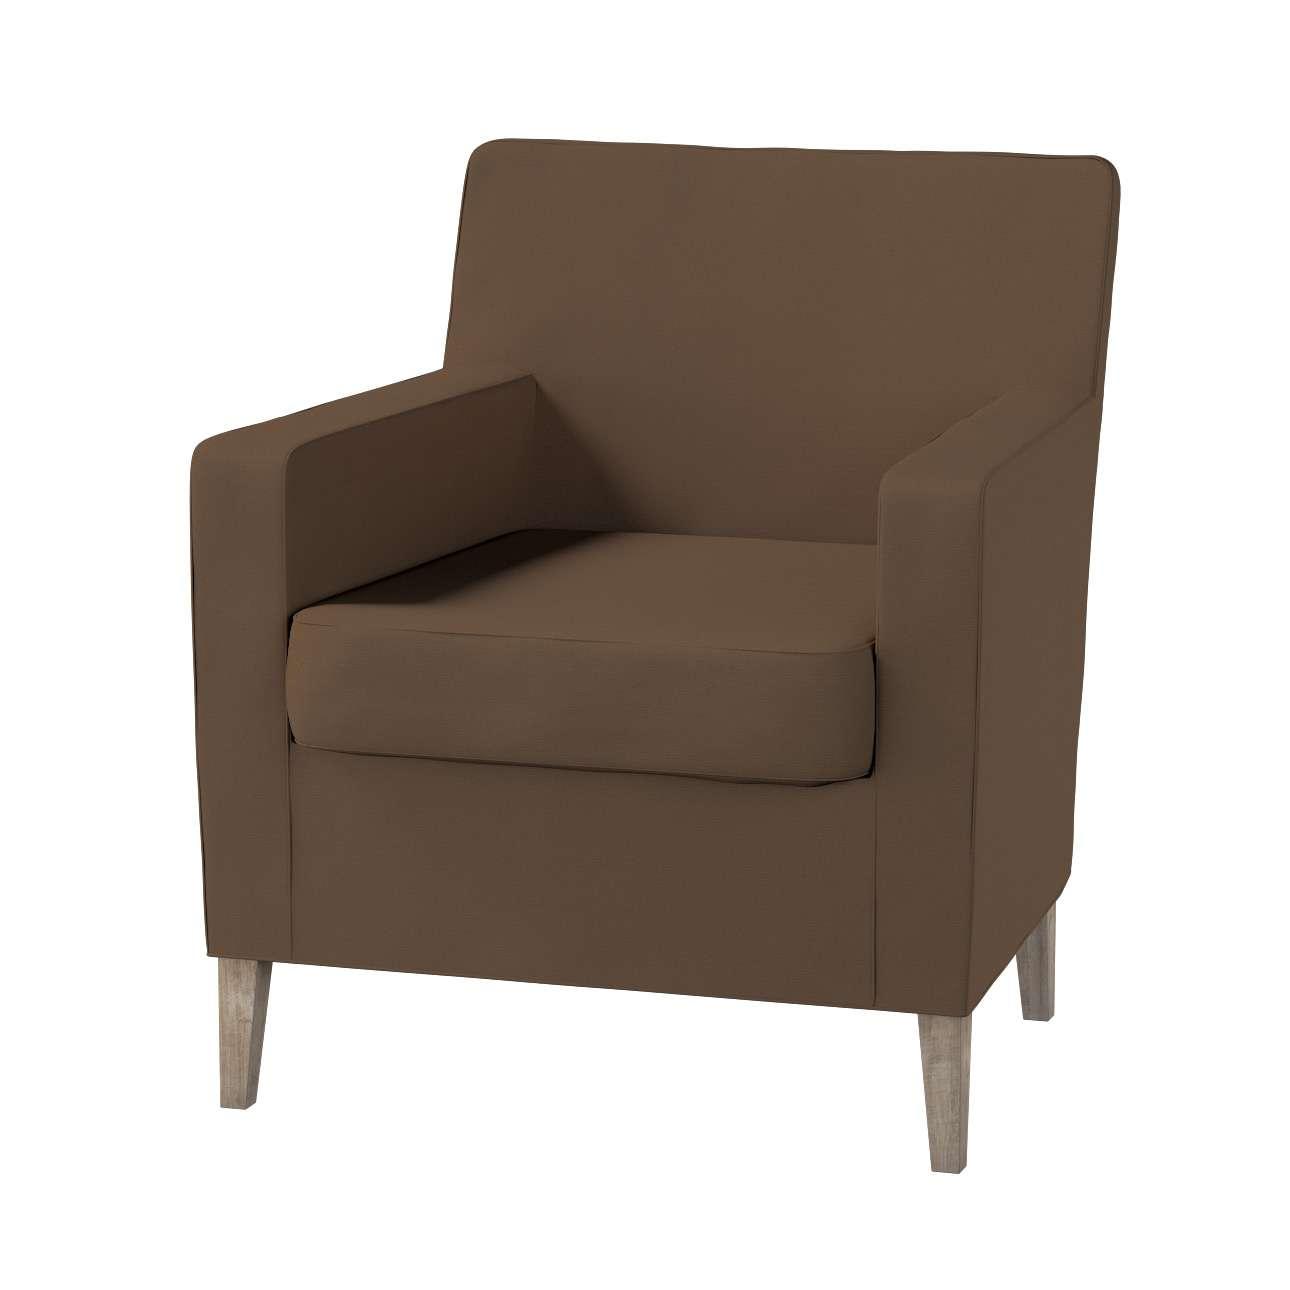 Pokrowiec na fotel Karlstad Fotel  Karlstad w kolekcji Cotton Panama, tkanina: 702-02